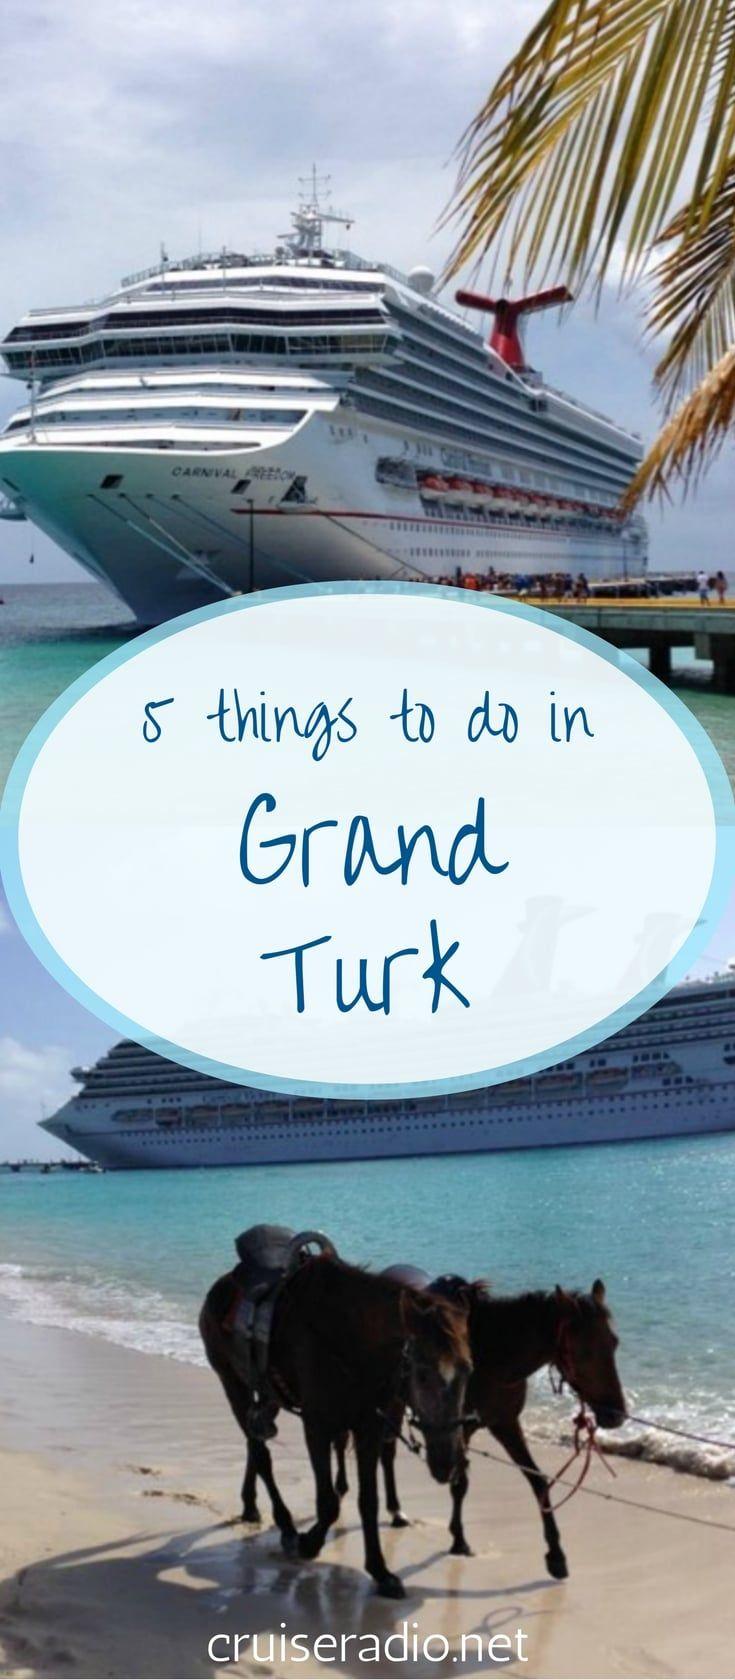 #GrandTurk #jacksshack #caribbean #island #paradise #cruise #vacation #cruising #travel #traveltips